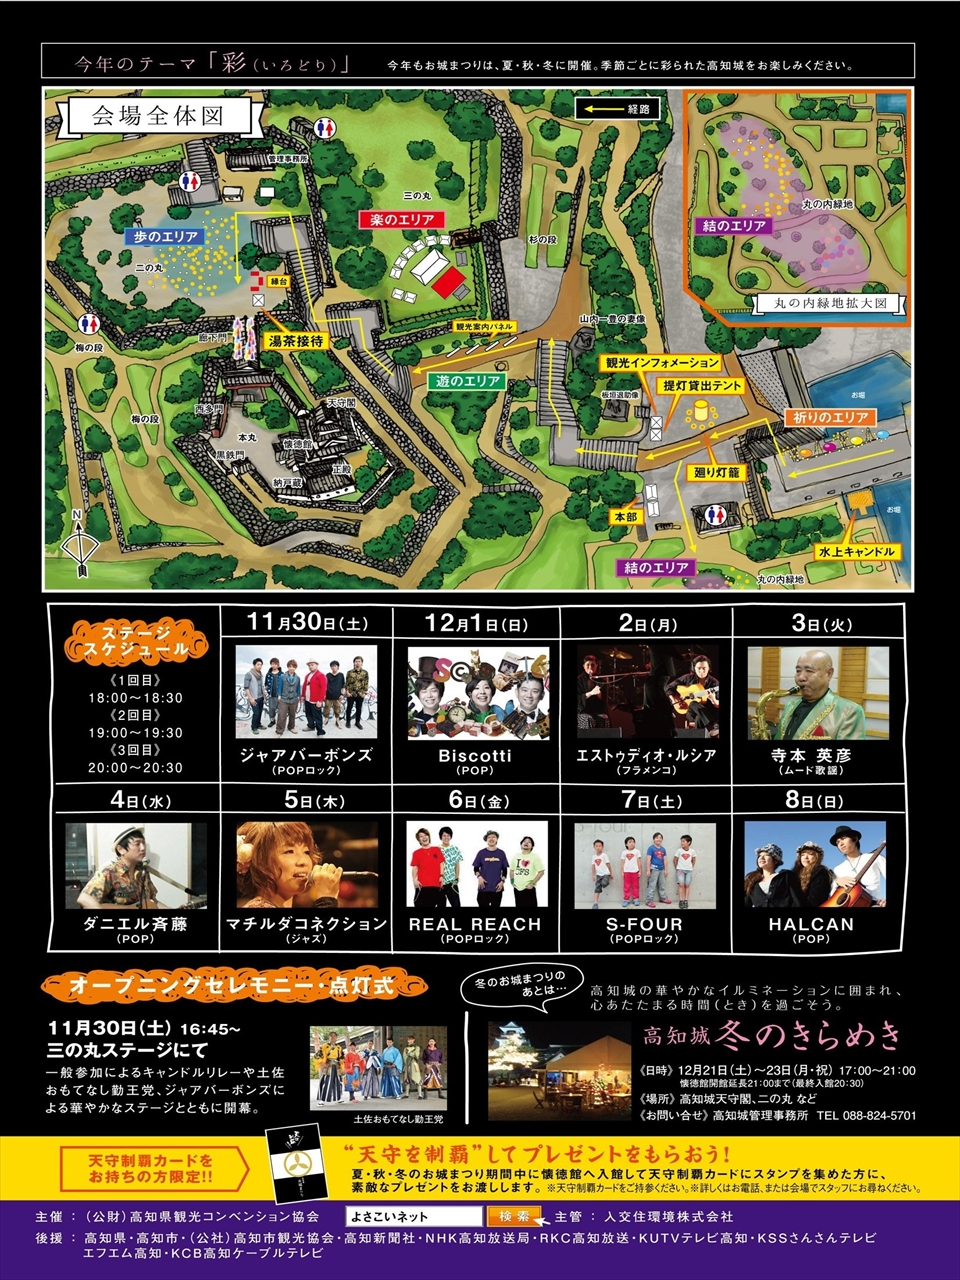 高知城冬のお城まつり